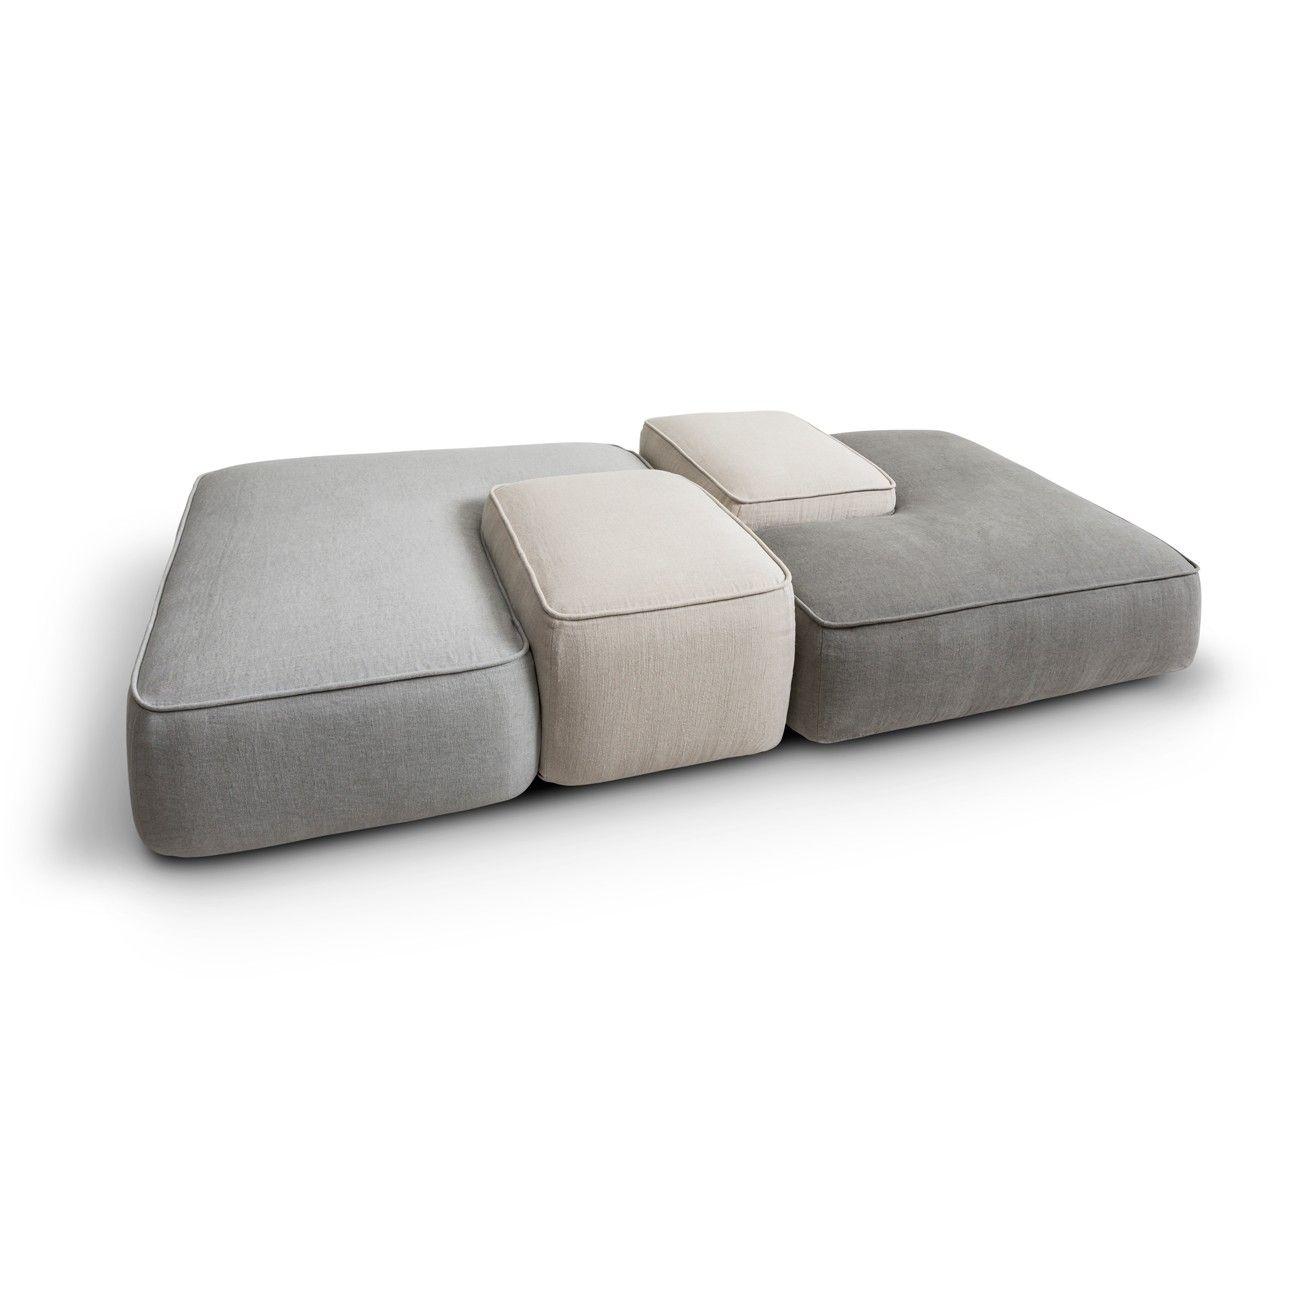 Lema Cloud Modular Sofa Ottoman 2160